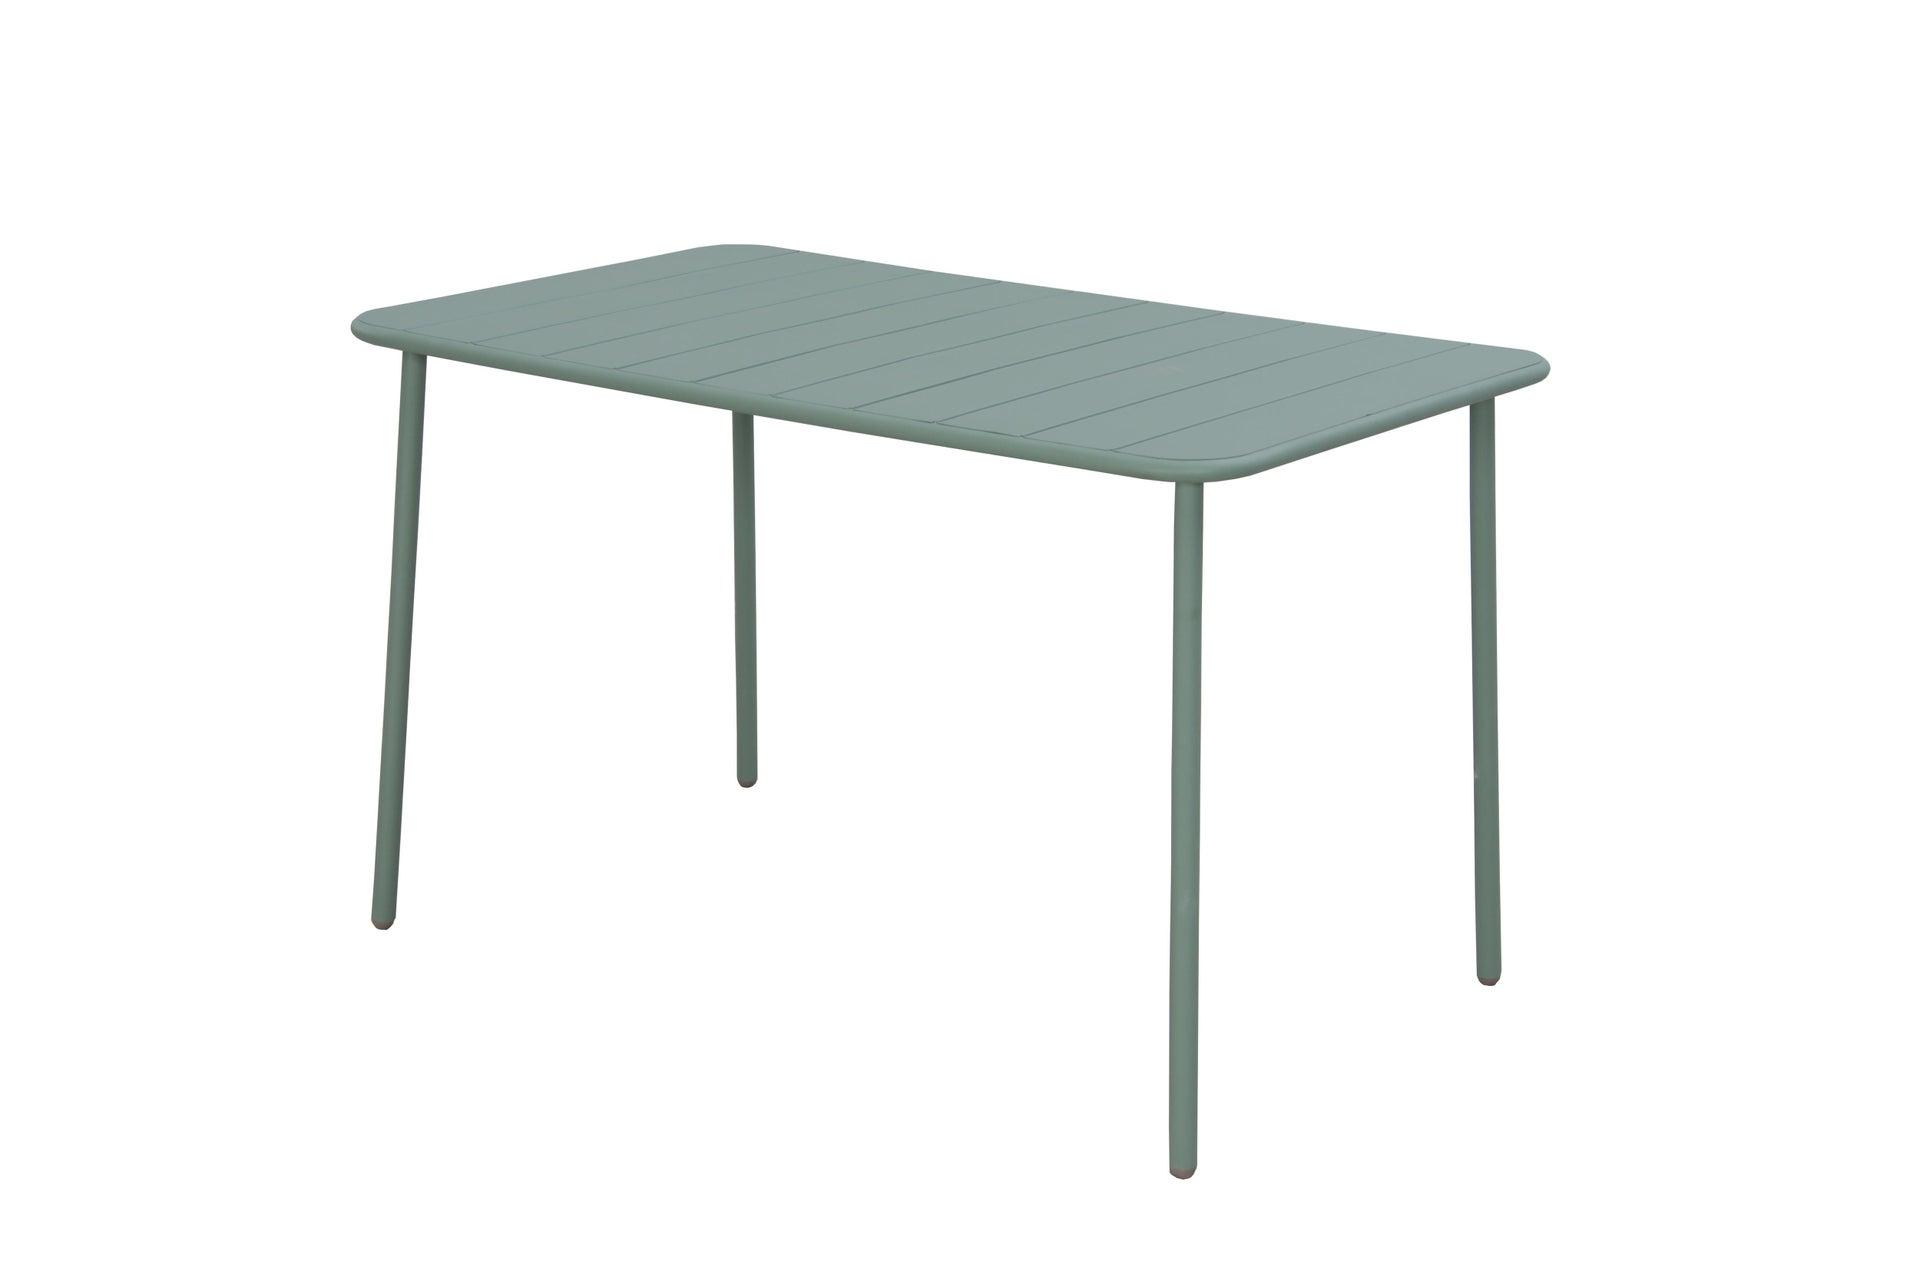 Tavolo da giardino rettangolare Cafe con piano in metallo L 70 x P 120 cm - 8